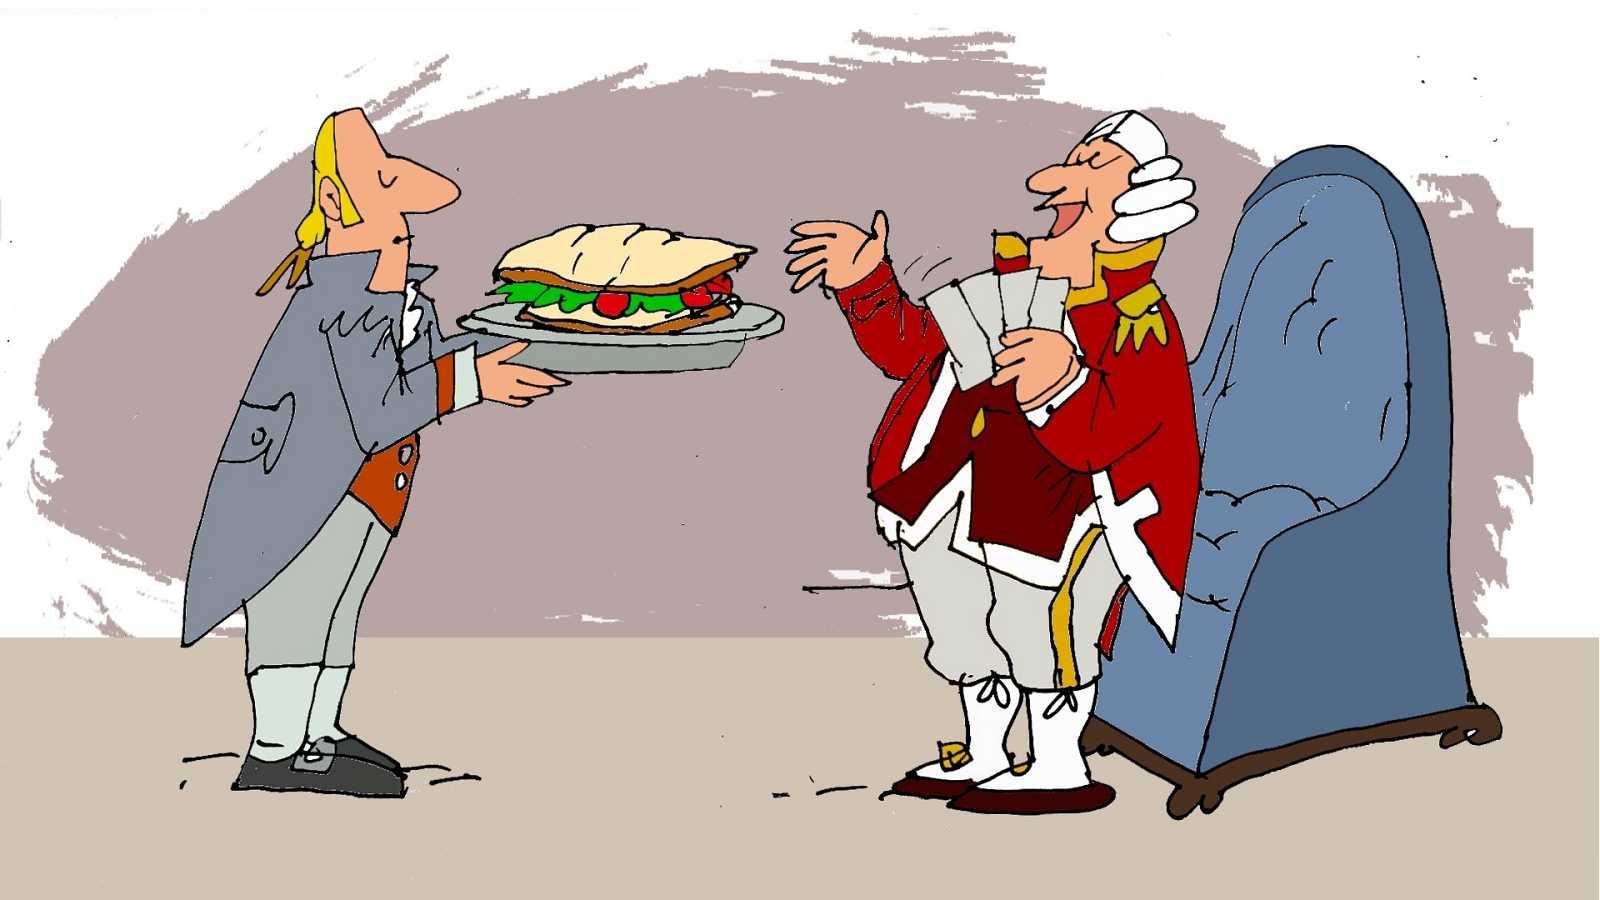 ¡Pero qué invento es esto! - El sándwich, la Gran Guerra y la carrera espacial - Escuchar ahora